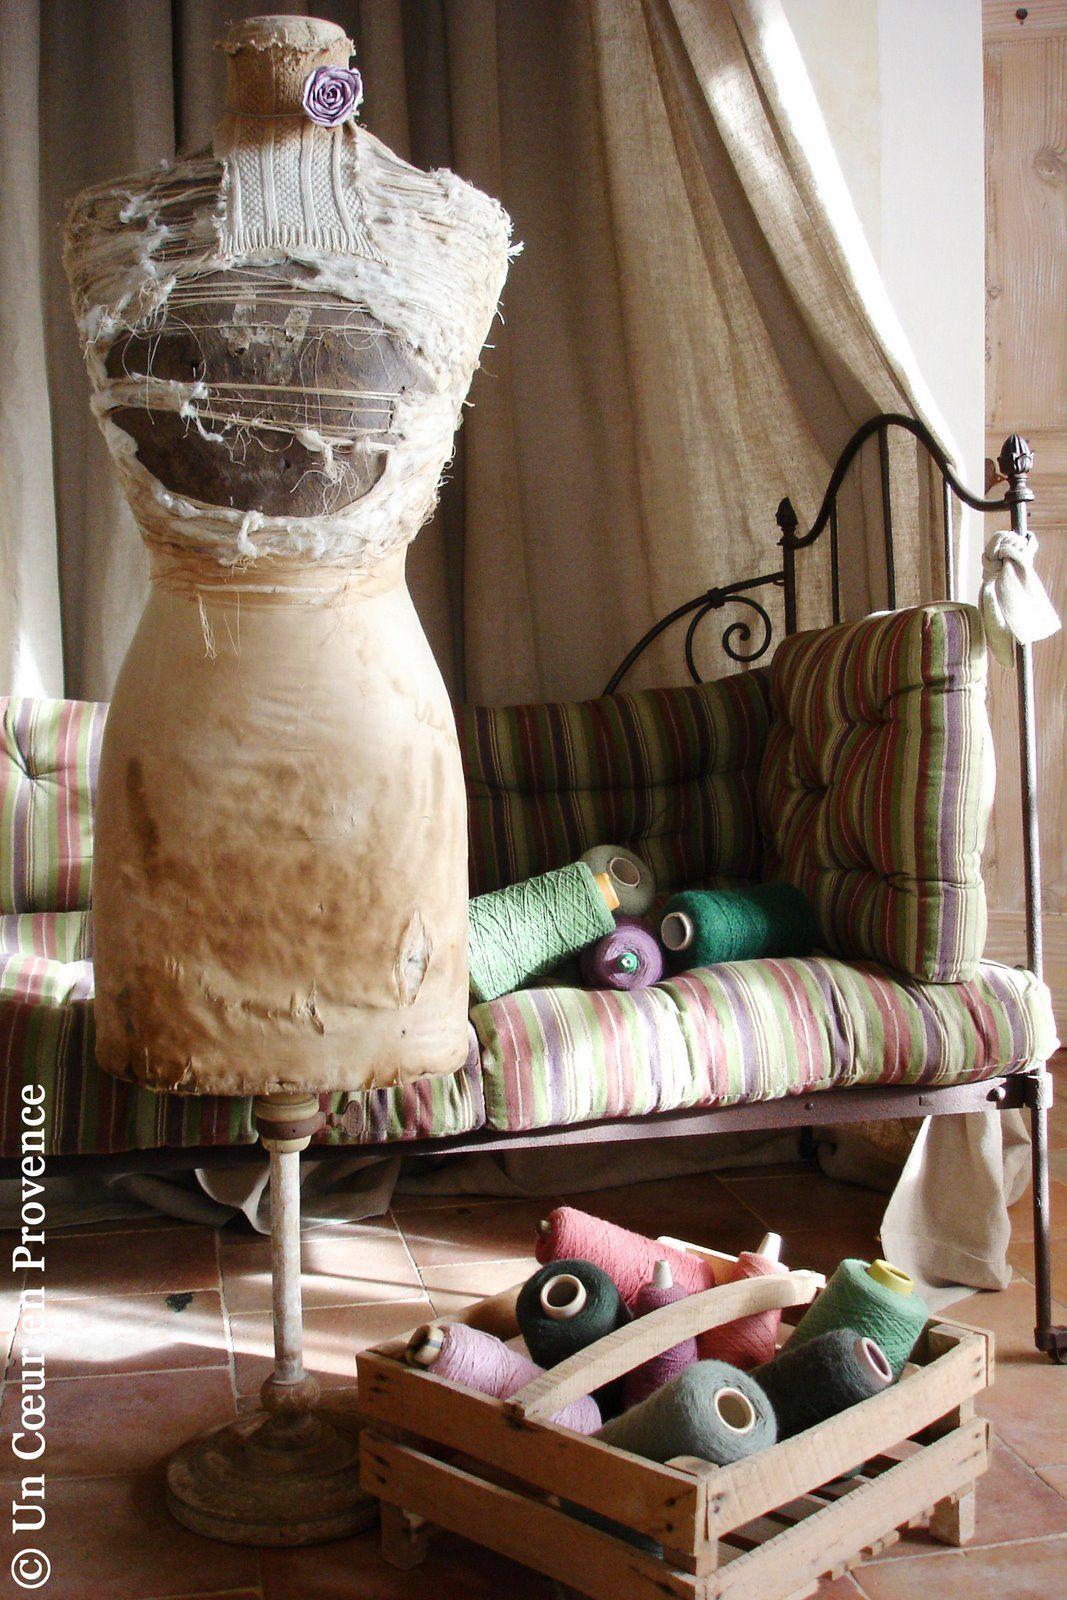 faire son propre mannequin de couturiere diy pinterest mannequin buste et faire. Black Bedroom Furniture Sets. Home Design Ideas